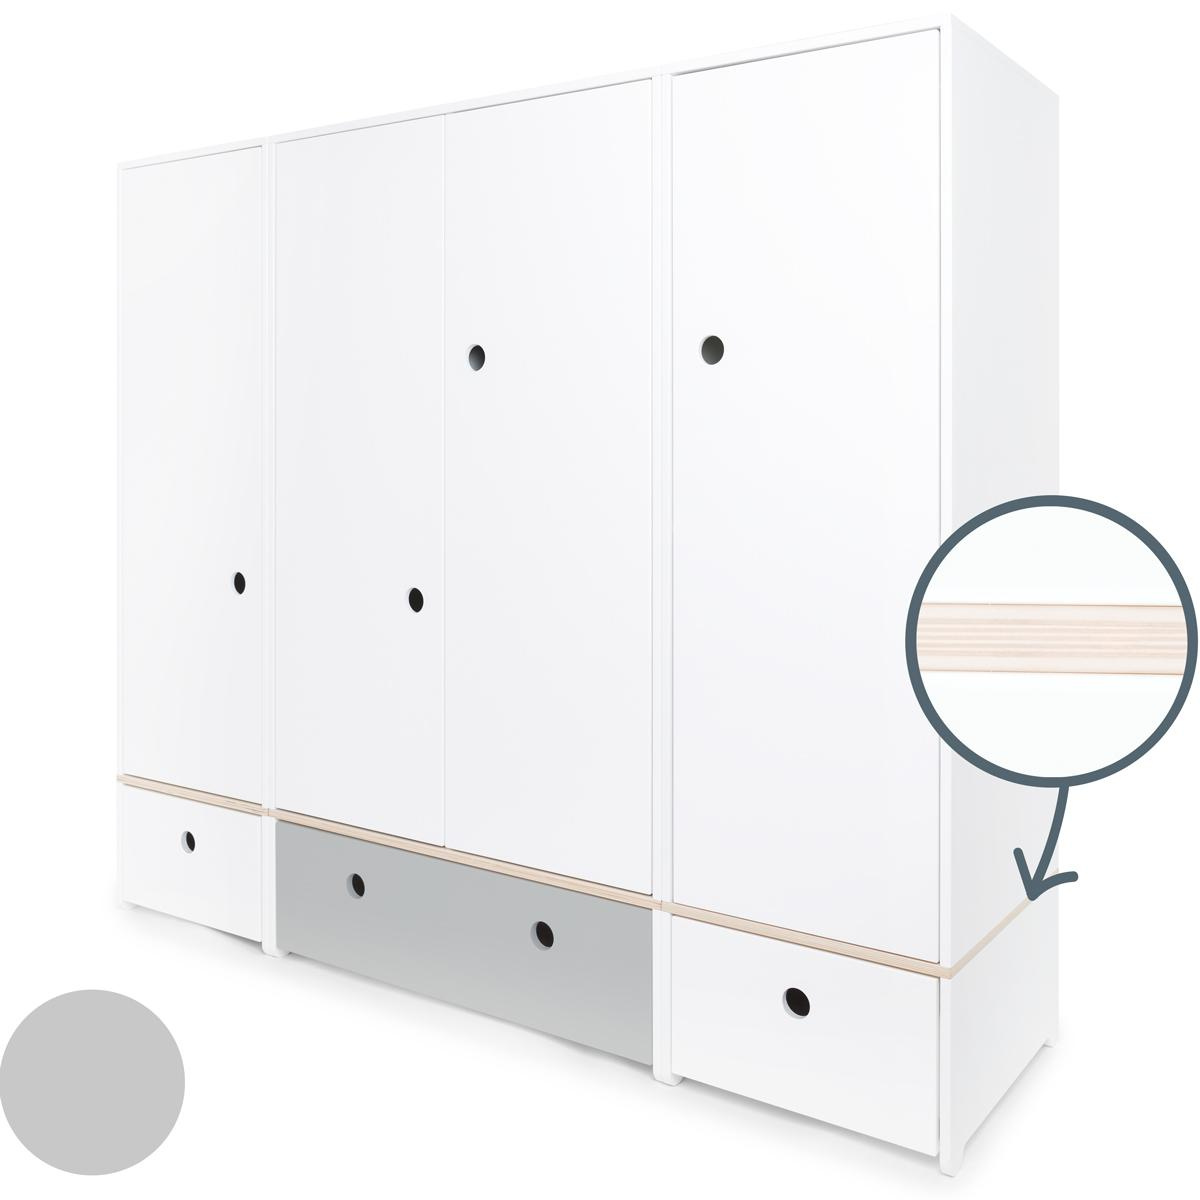 Armoire 4 portes COLORFLEX Abitare Kids façades tiroirs white-pearl grey-white